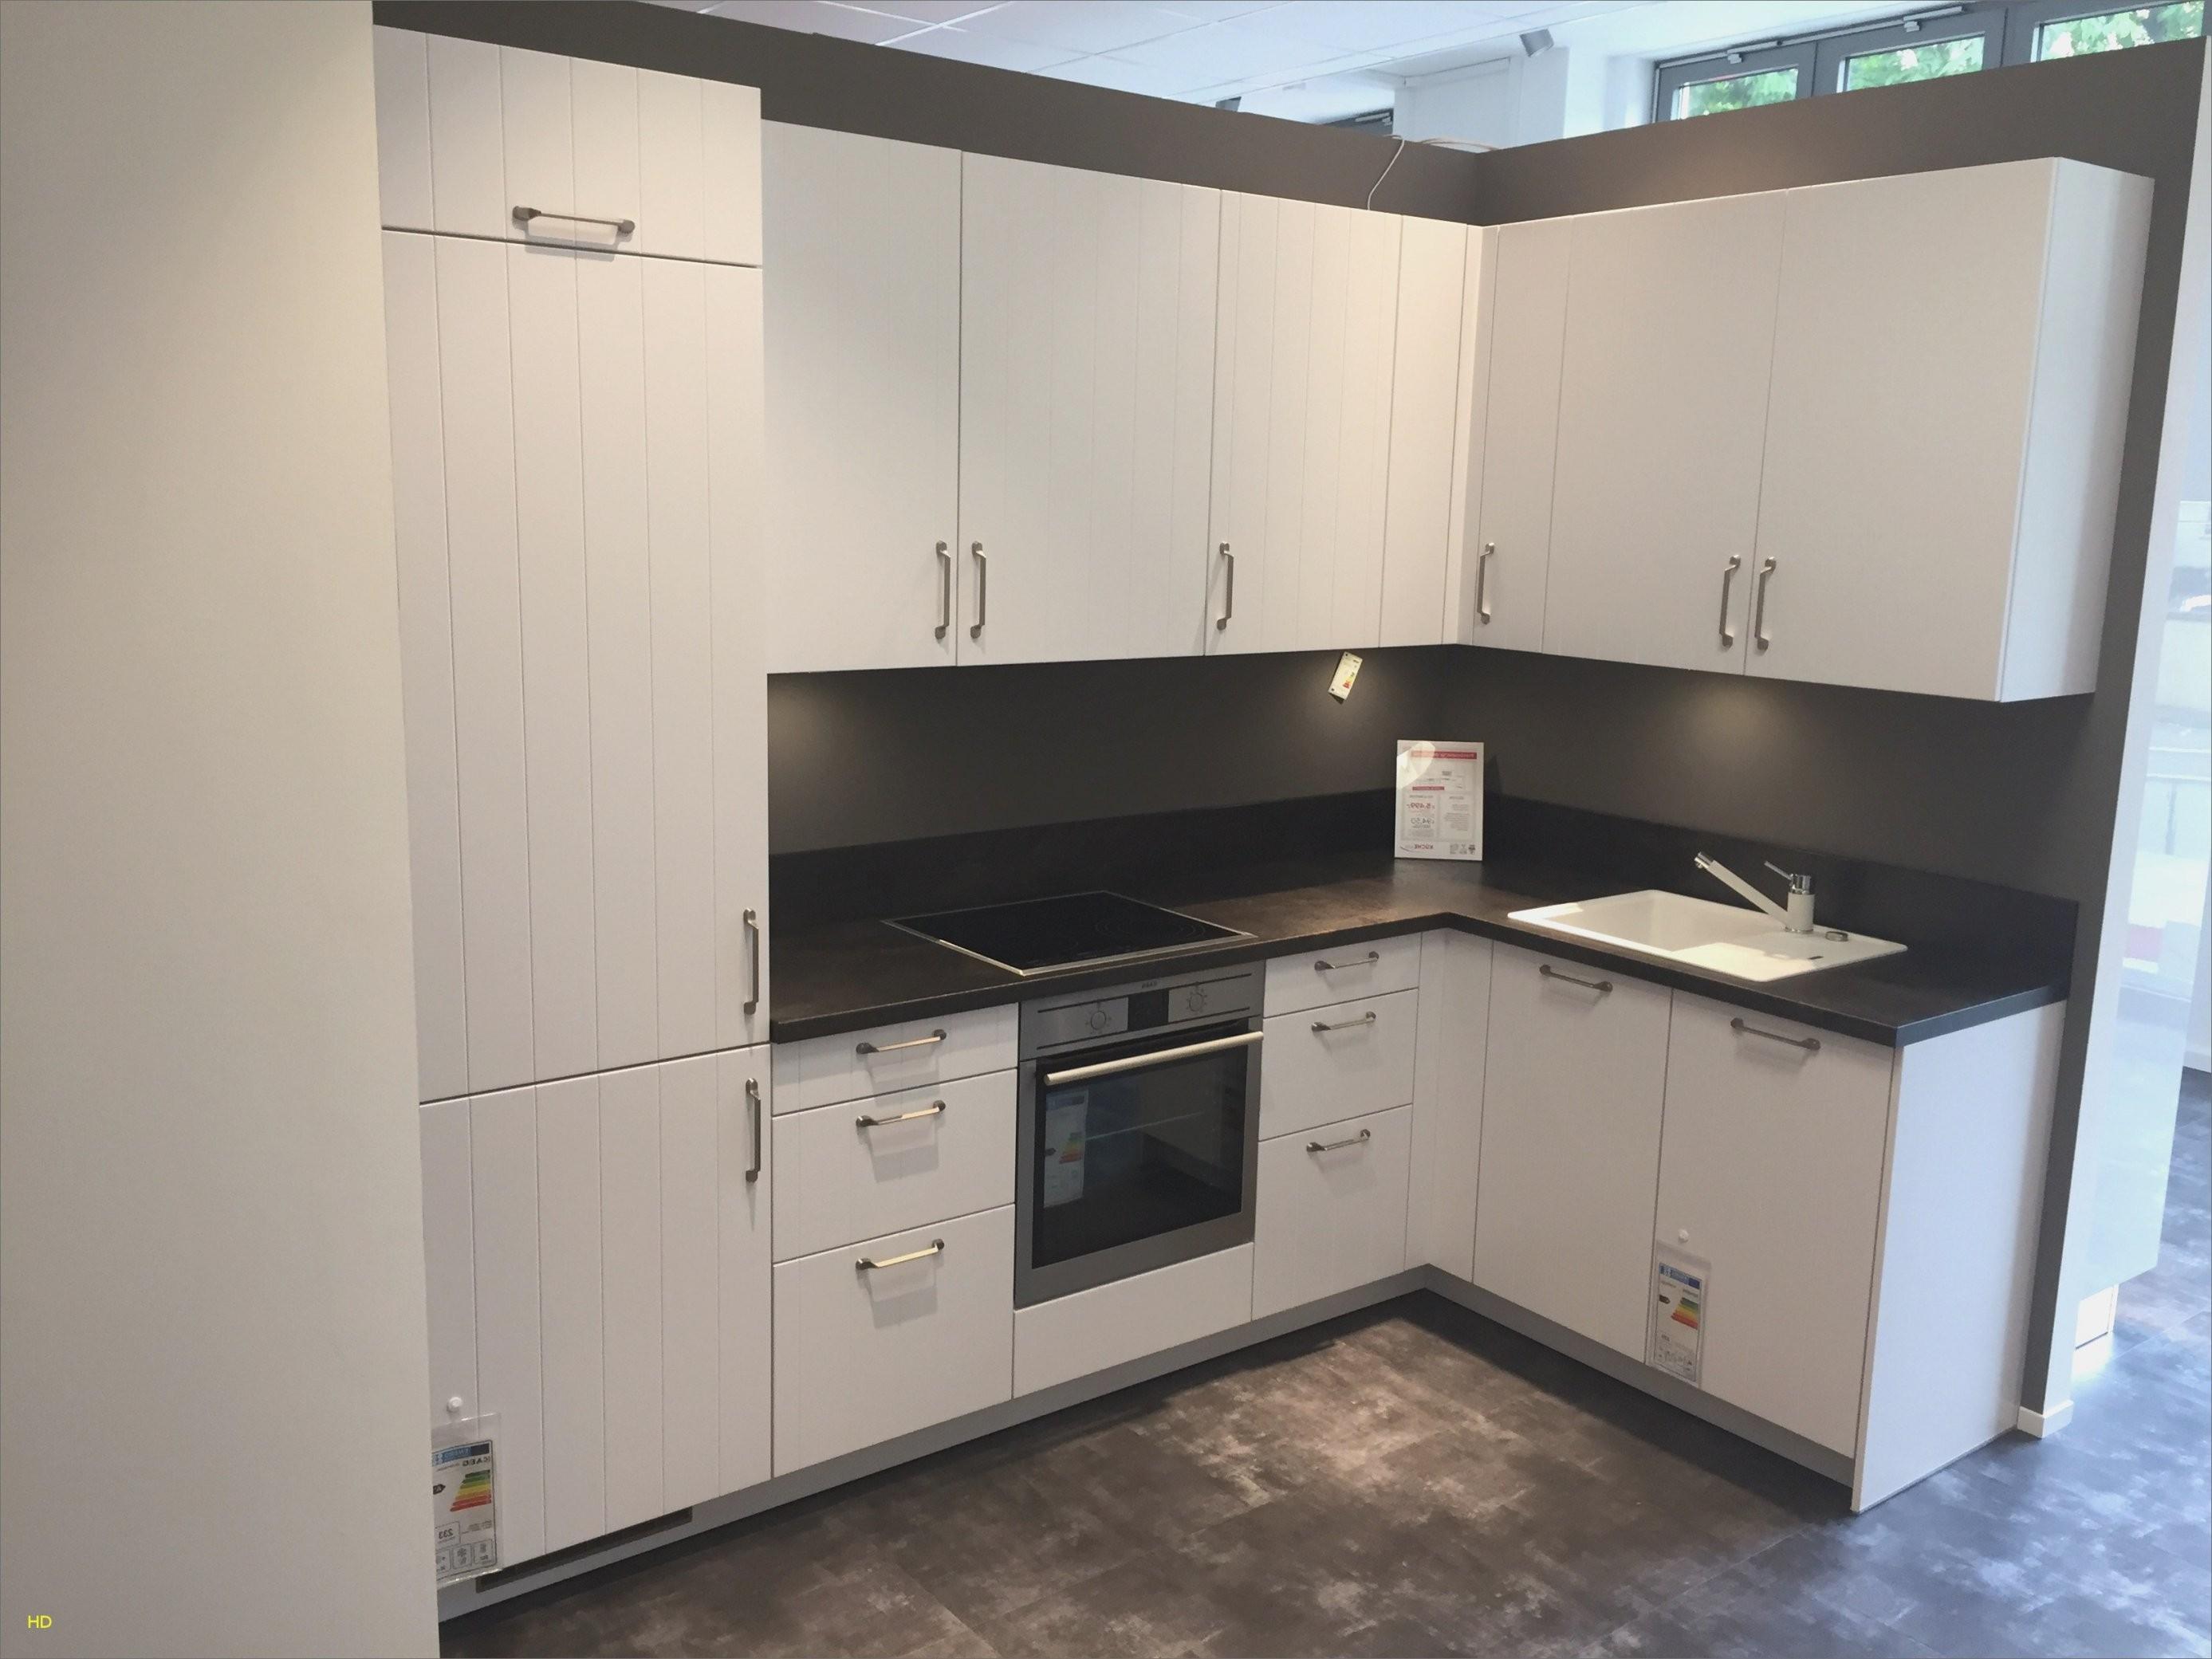 Mülleimer Küche Rechteckig  Mülleimer Küche Ikea Die Besten Küchen von Mülleimer Küche Design Bild